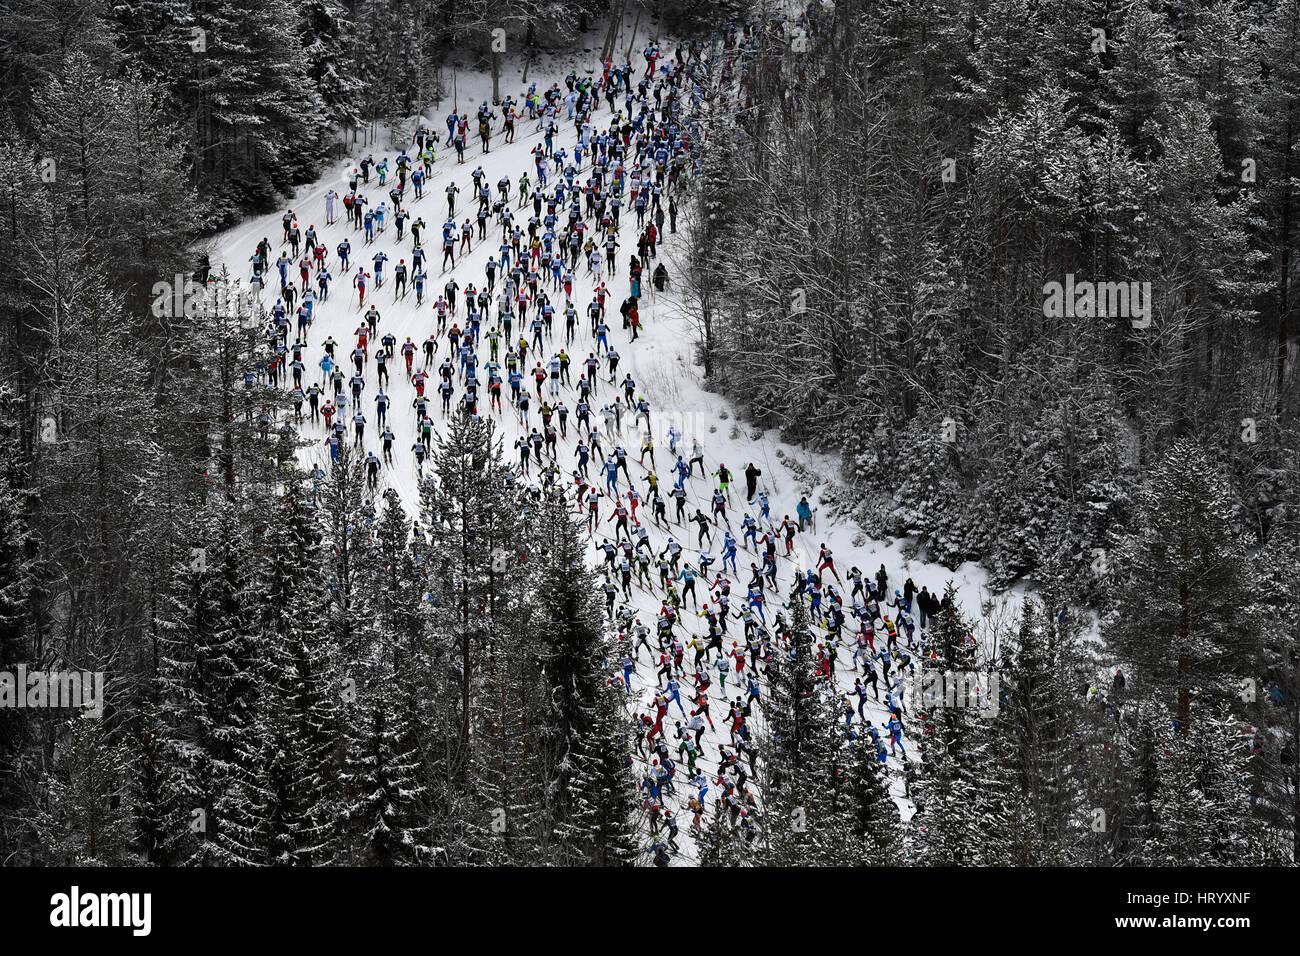 Estocolmo. 6 Mar, 2017. Los competidores participan en el esquí de fondo de larga distancia Vasloppet competencia Imagen De Stock